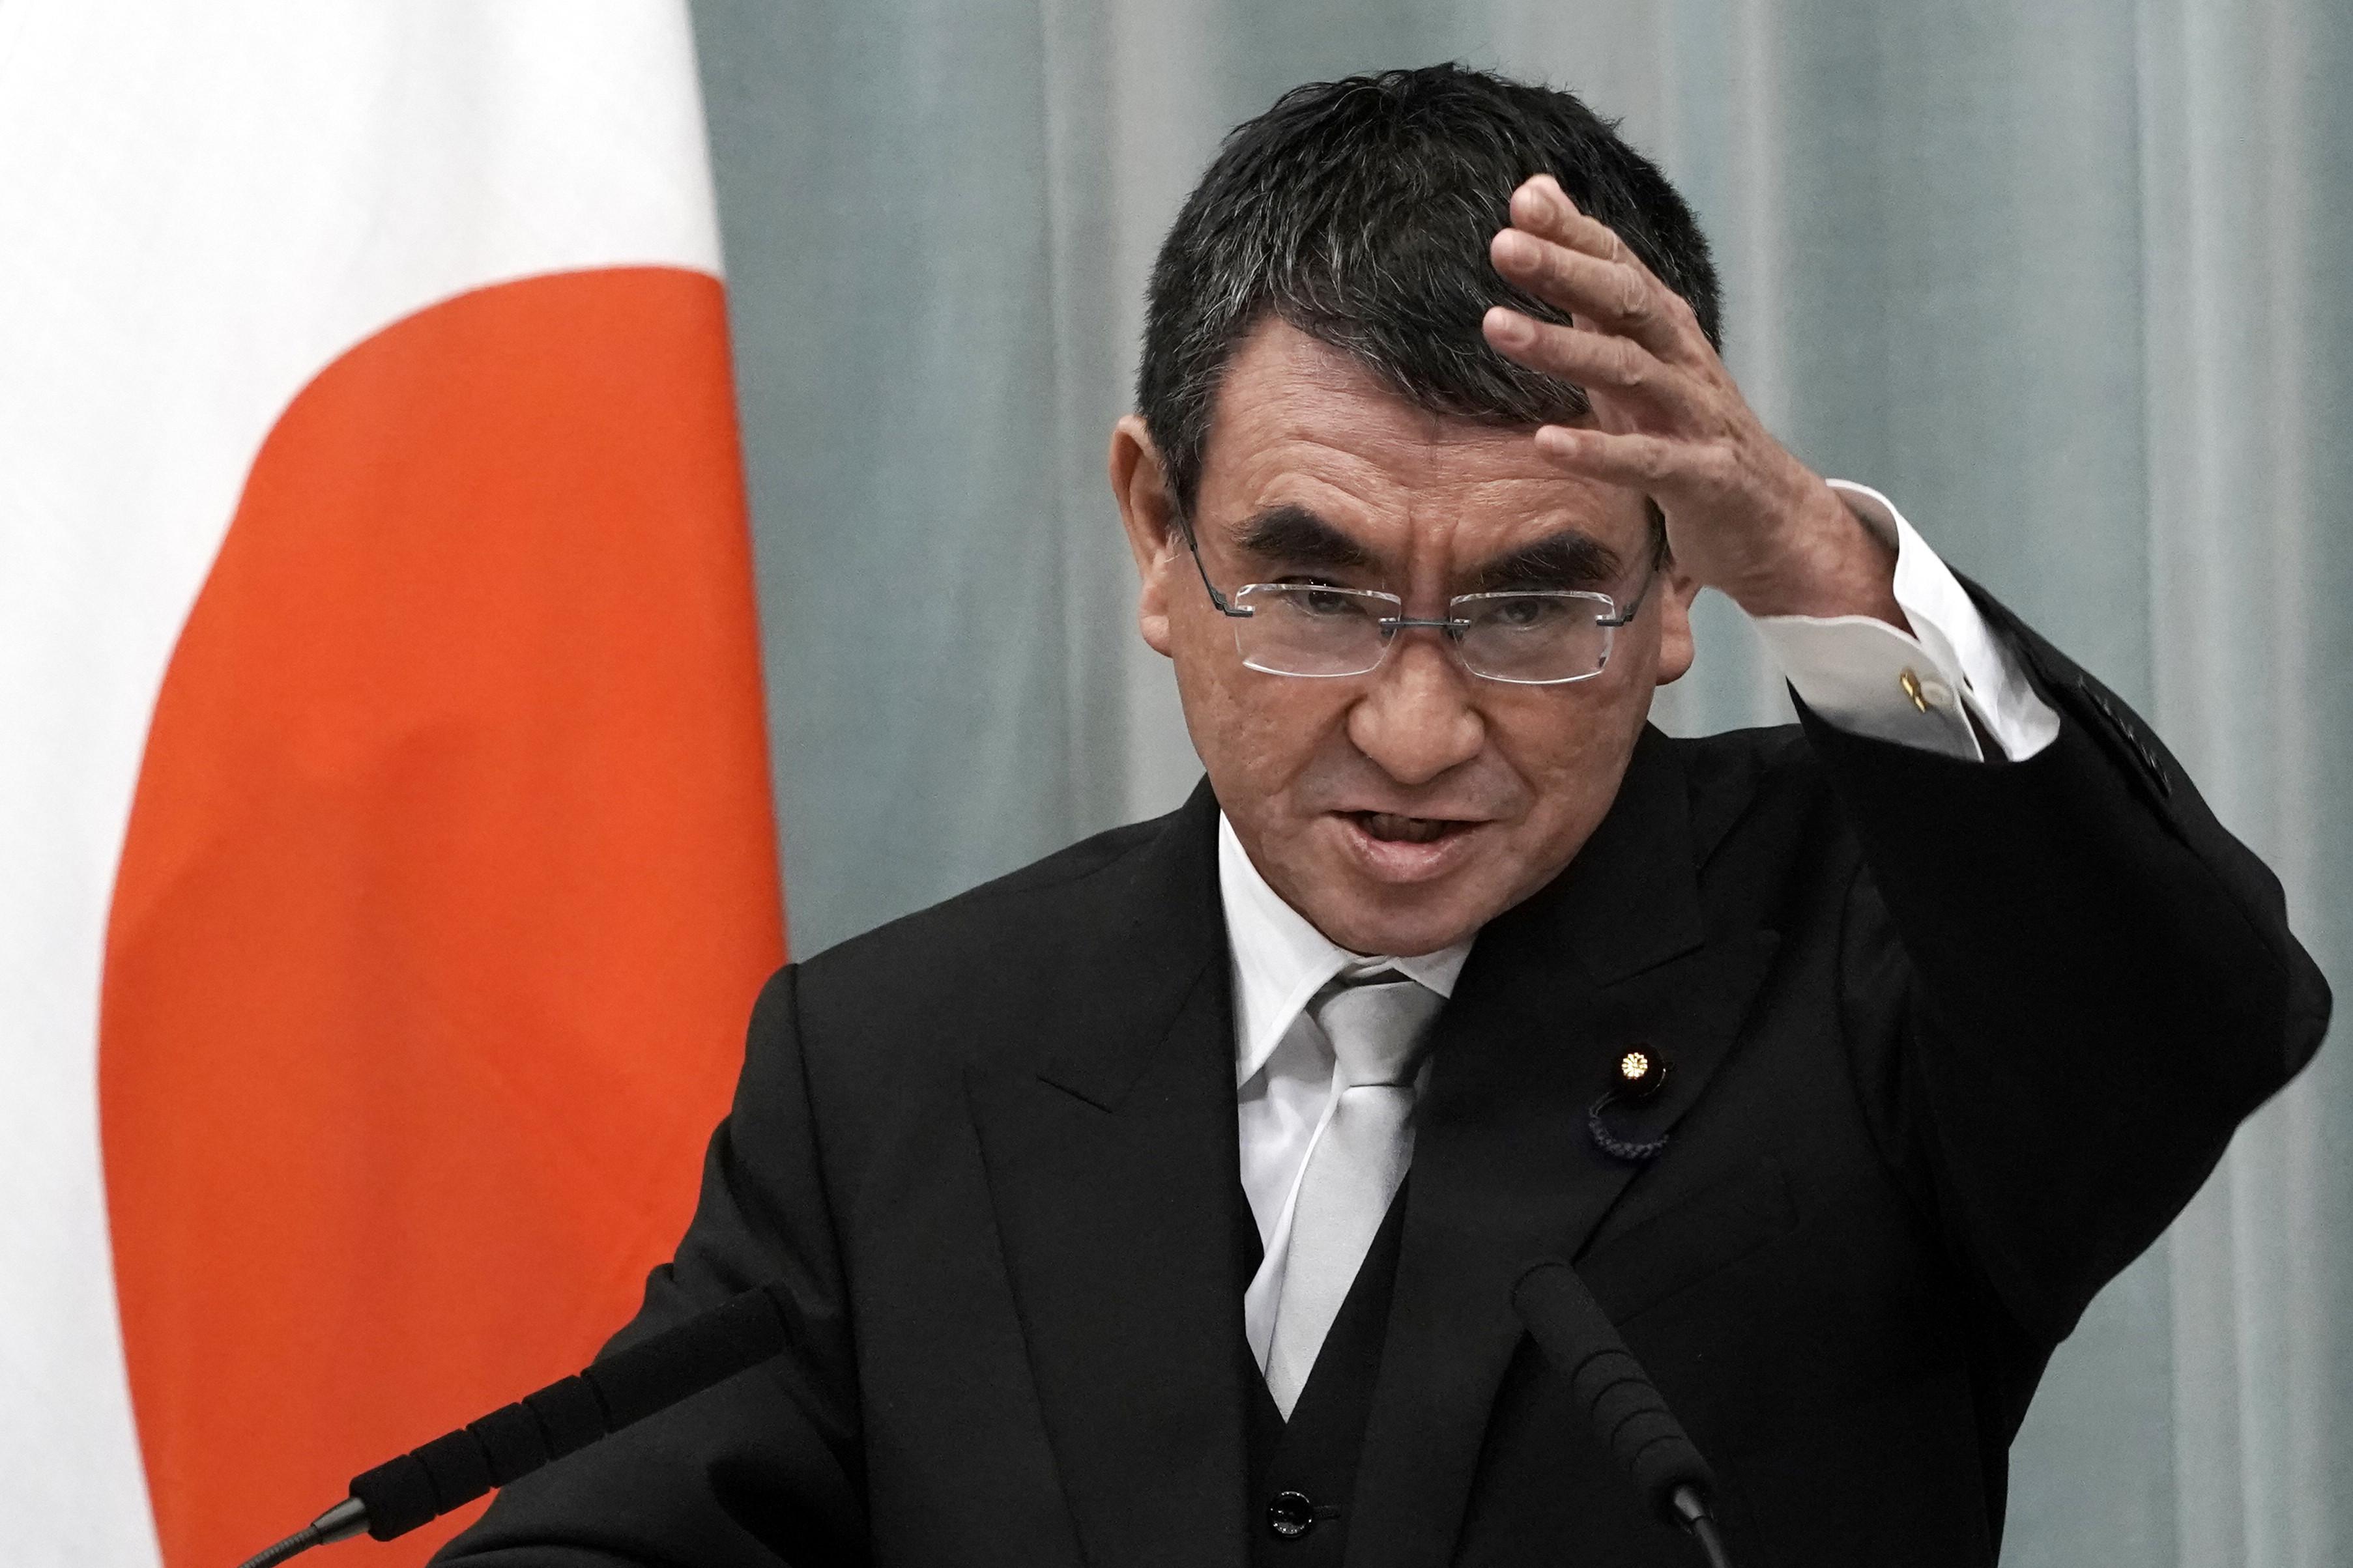 [新聞] 日「疫苗大臣」河野太郎表態參選自民黨總裁選舉!